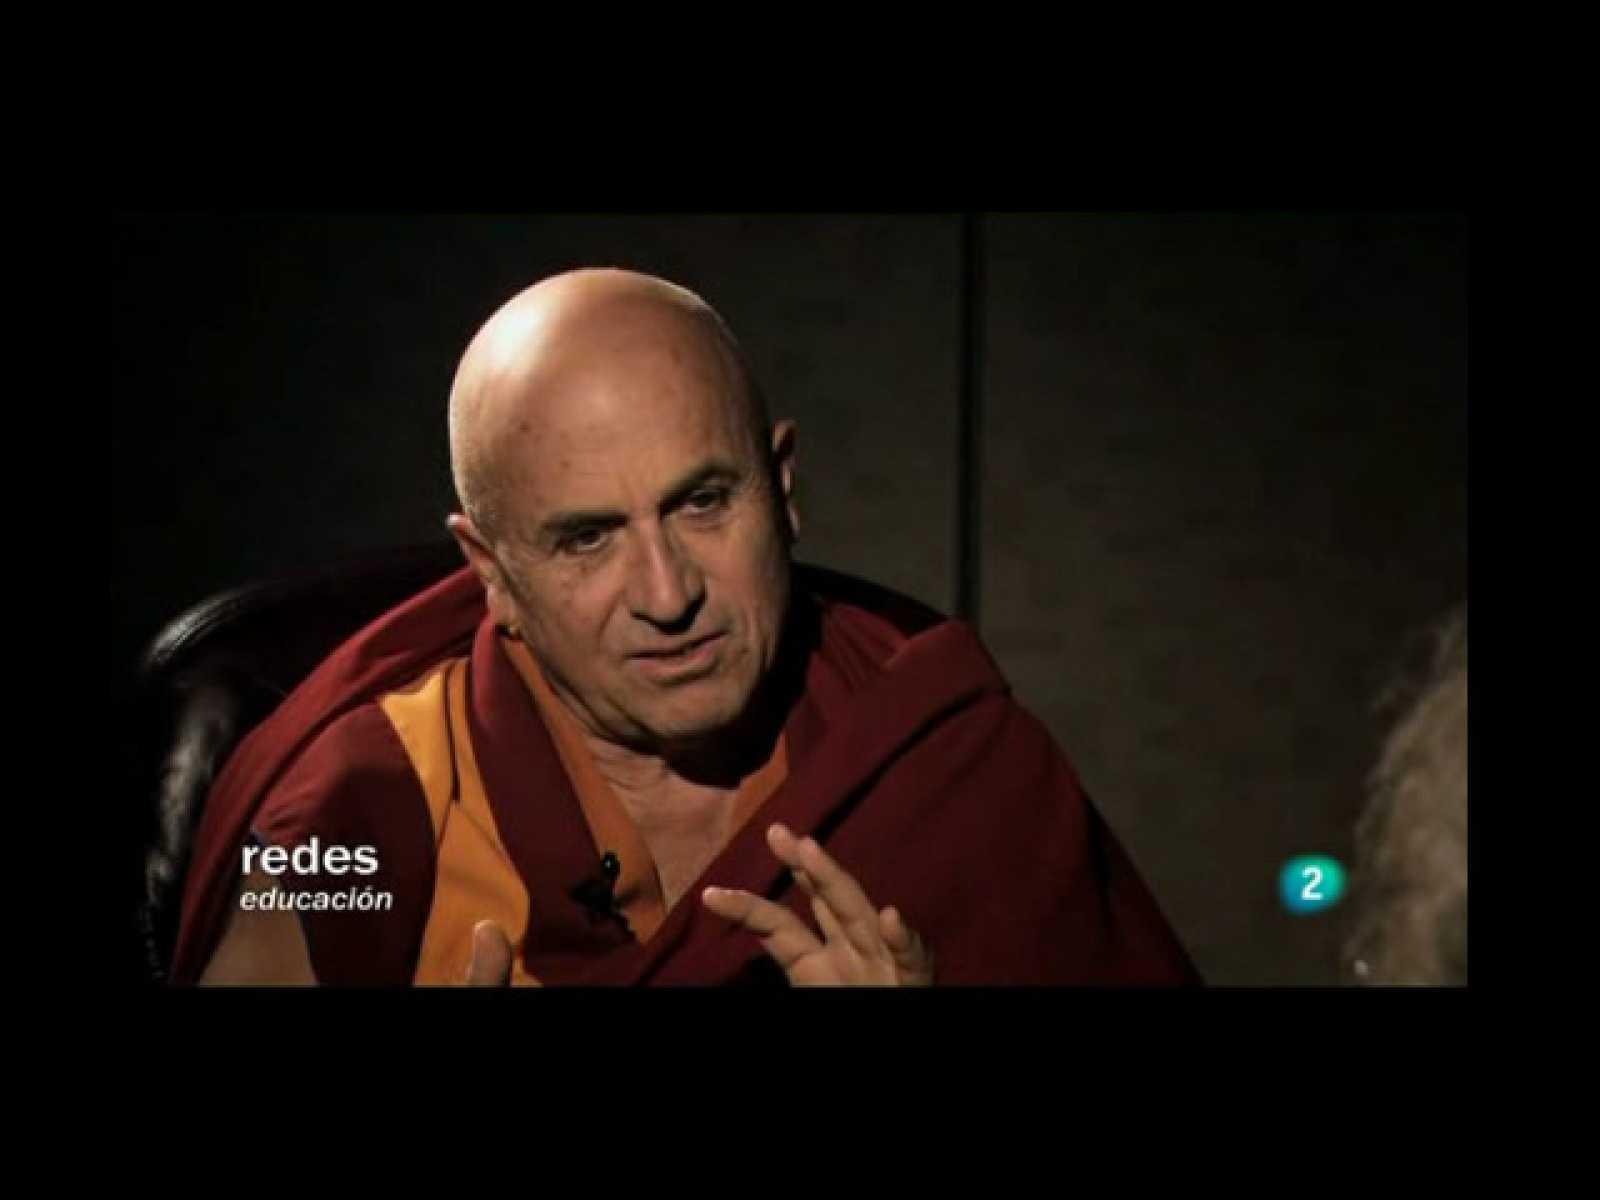 Redes (16/05/10): La ciencia de la compasión